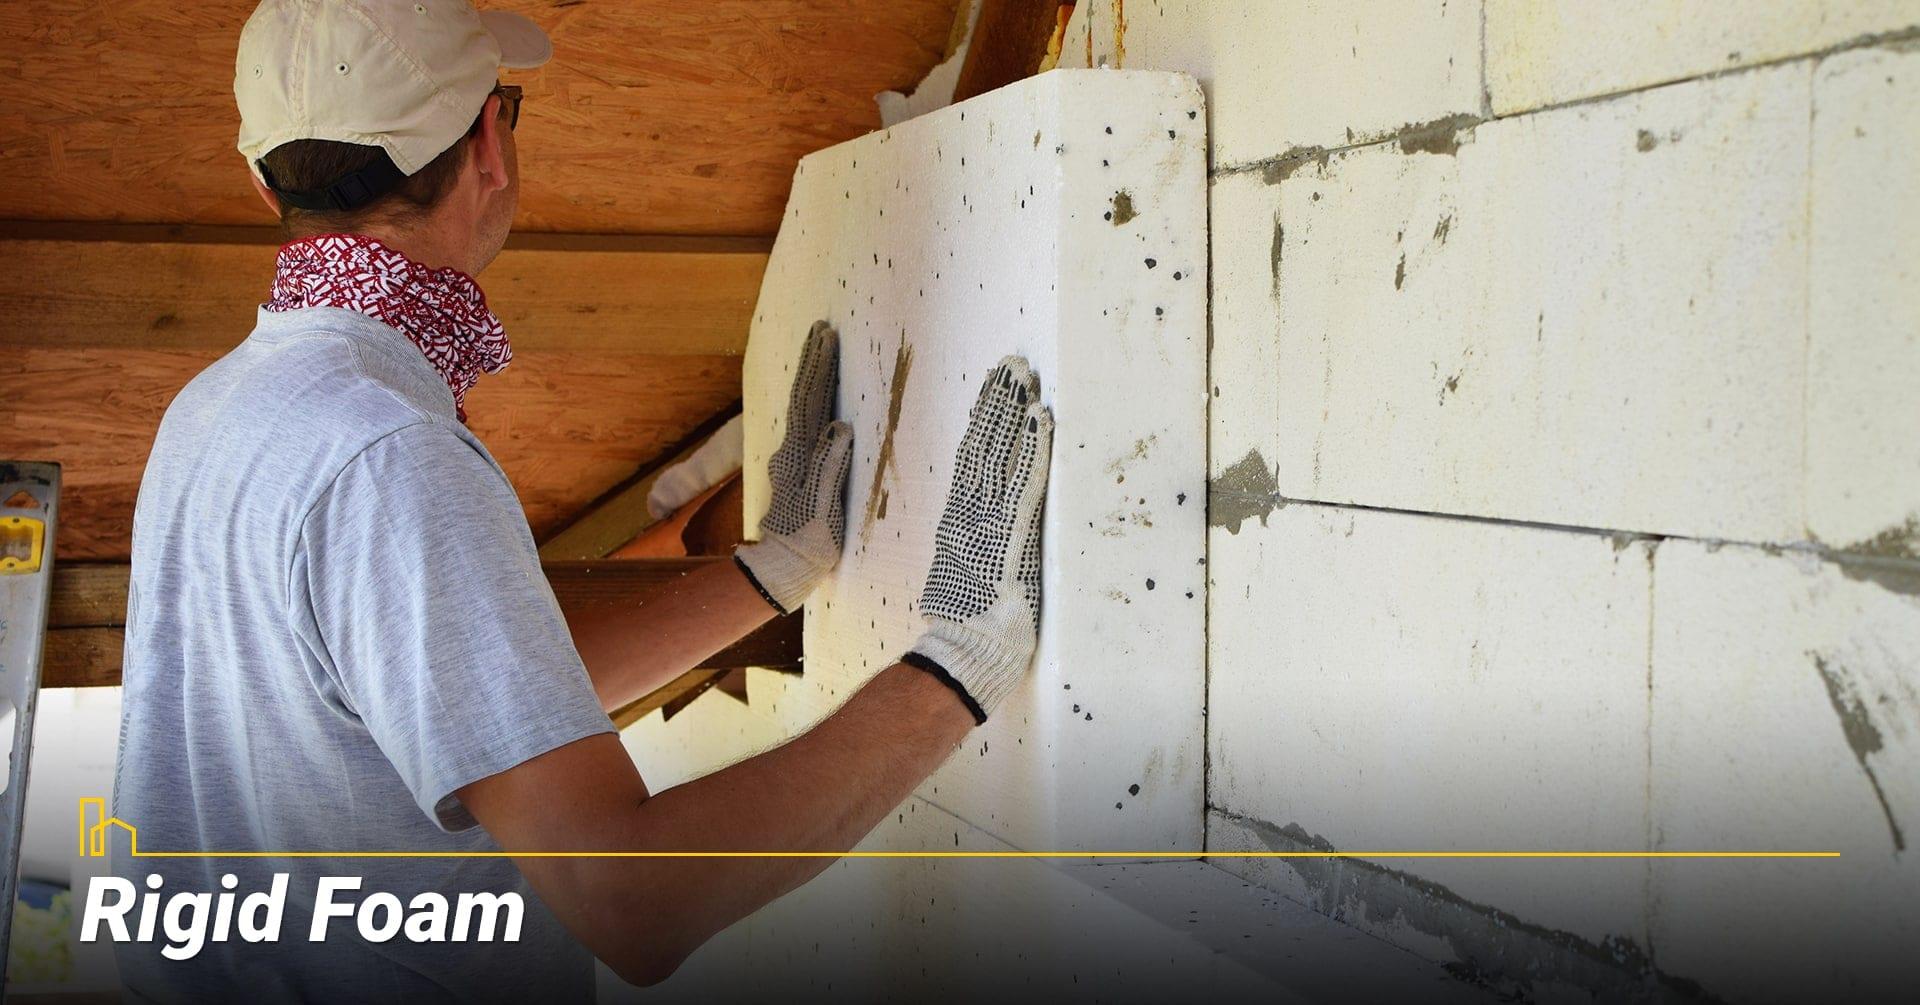 Rigid Foam, use rigid foam as insulation